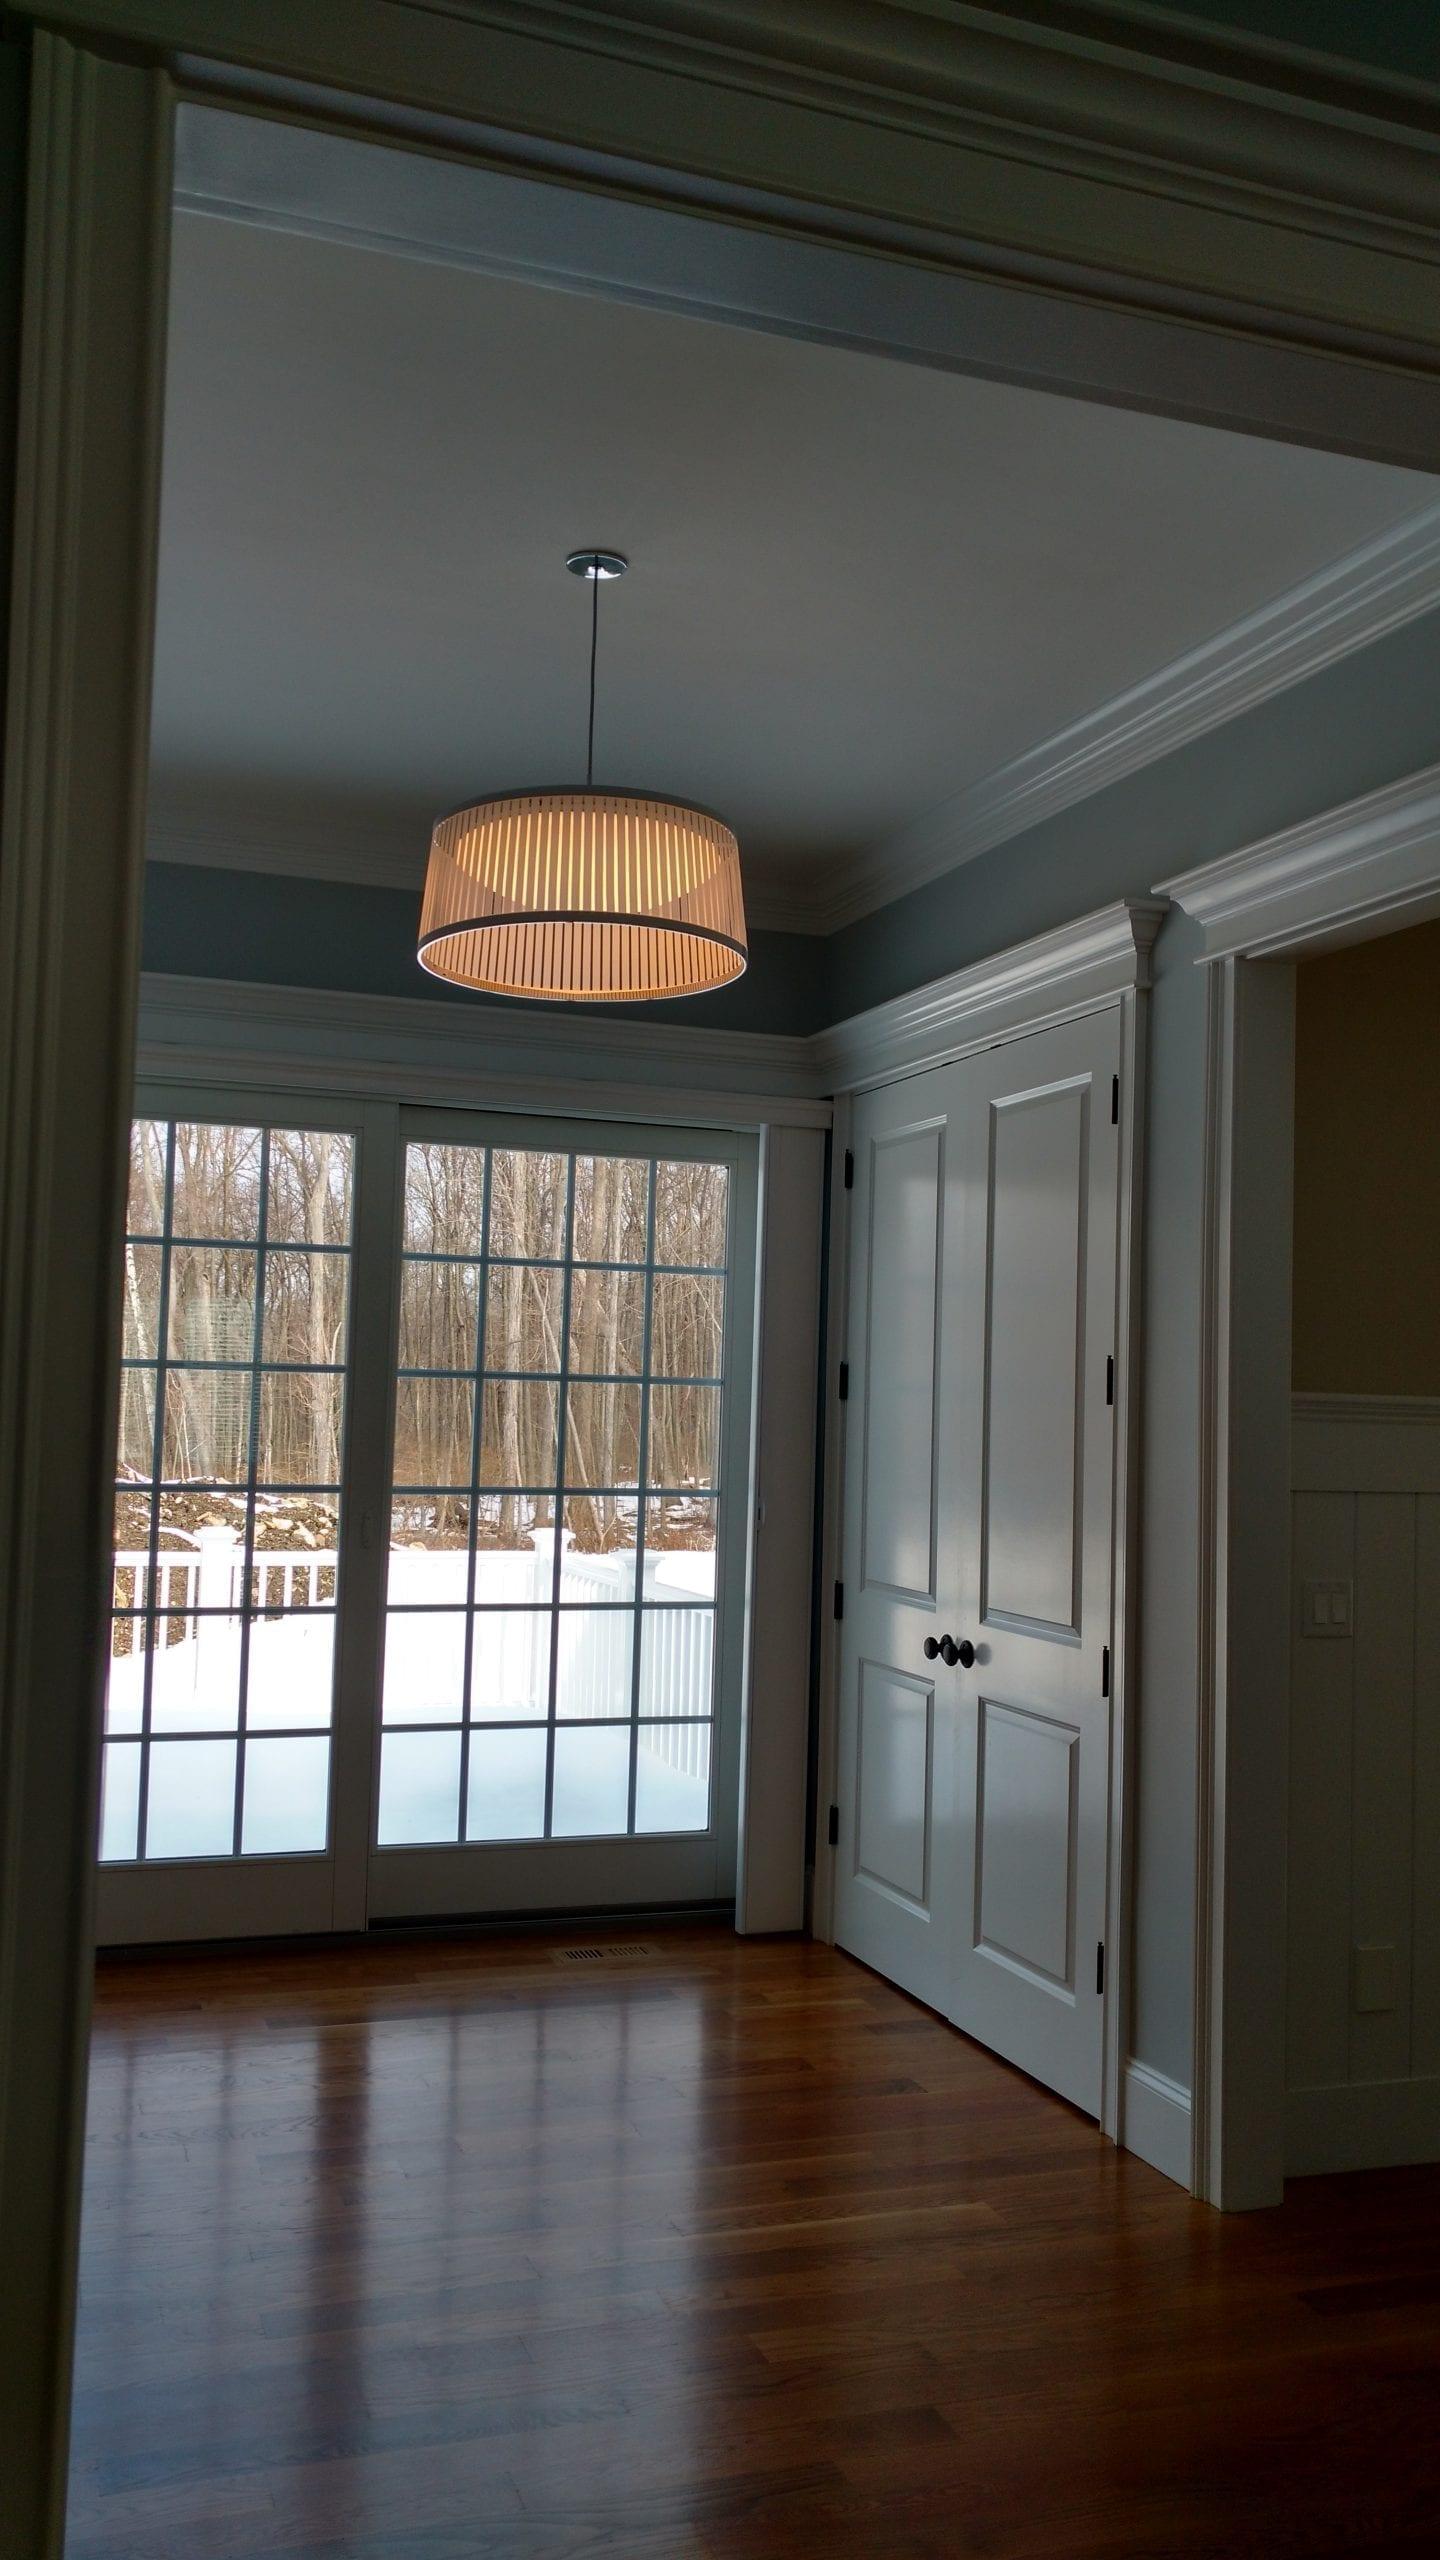 Residential Custom Light Fixture